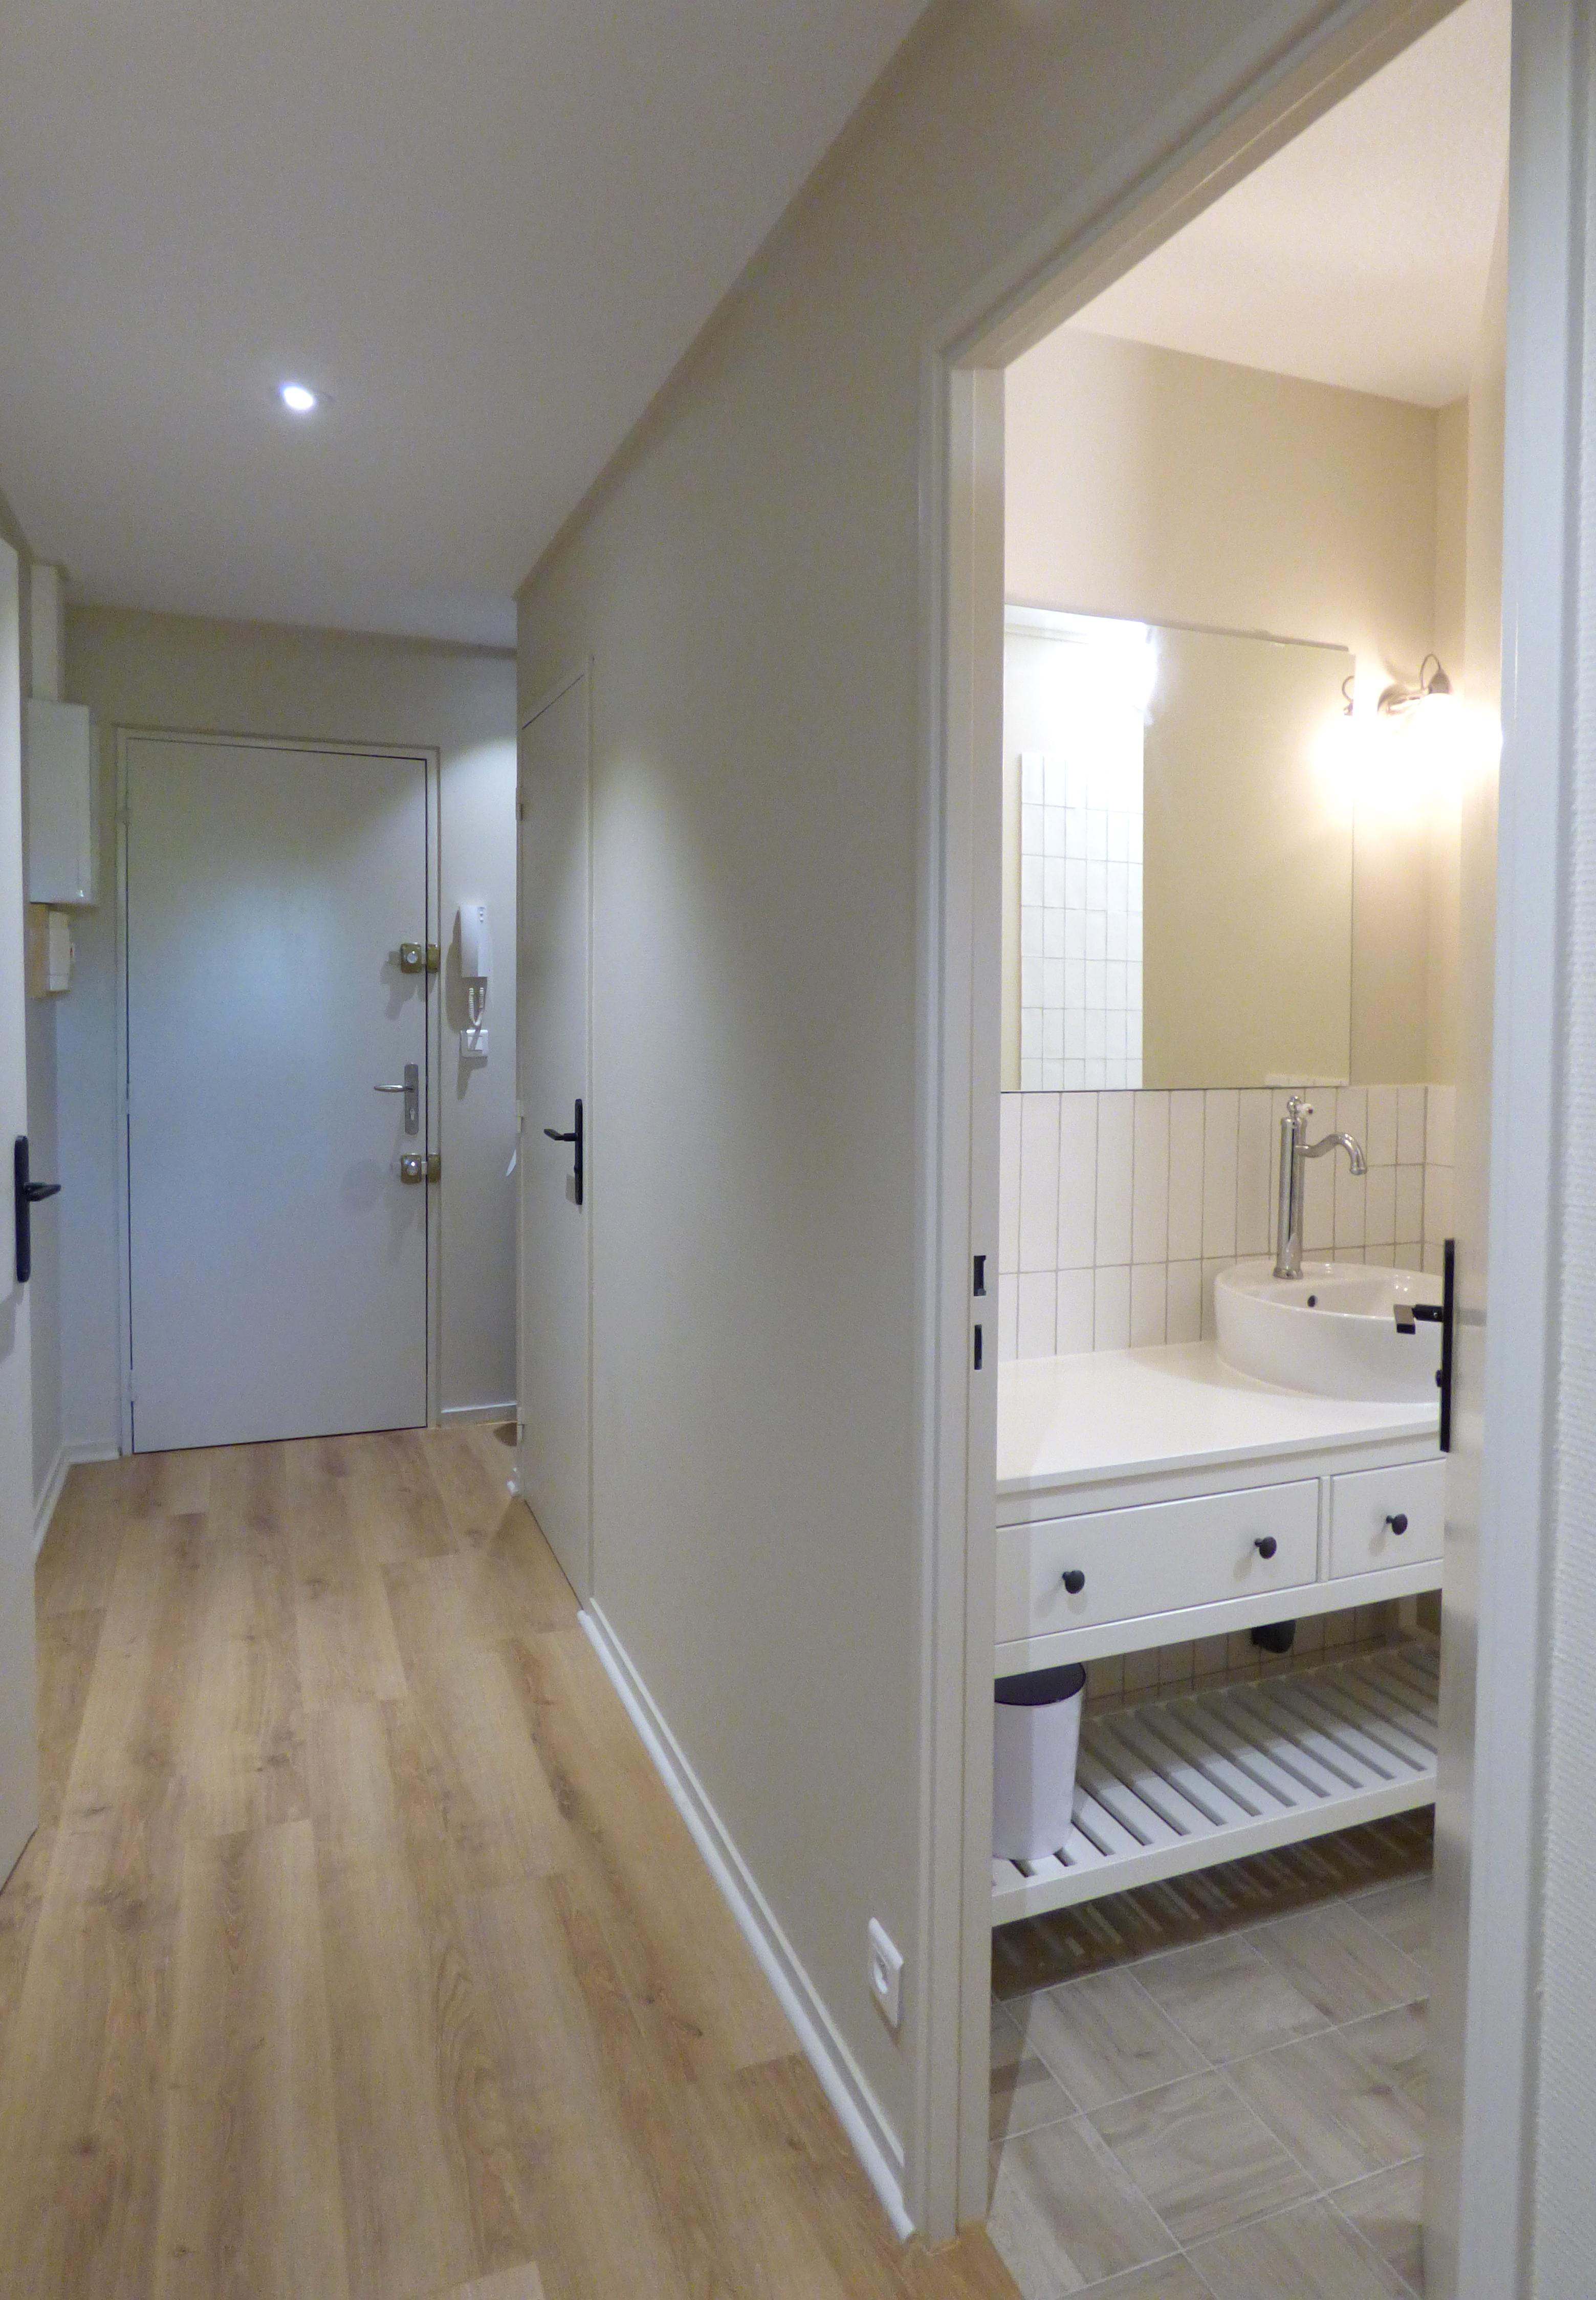 Lala Architectes_Renovation_Appartement_Couloir_Salle de bain_Blanc&bois